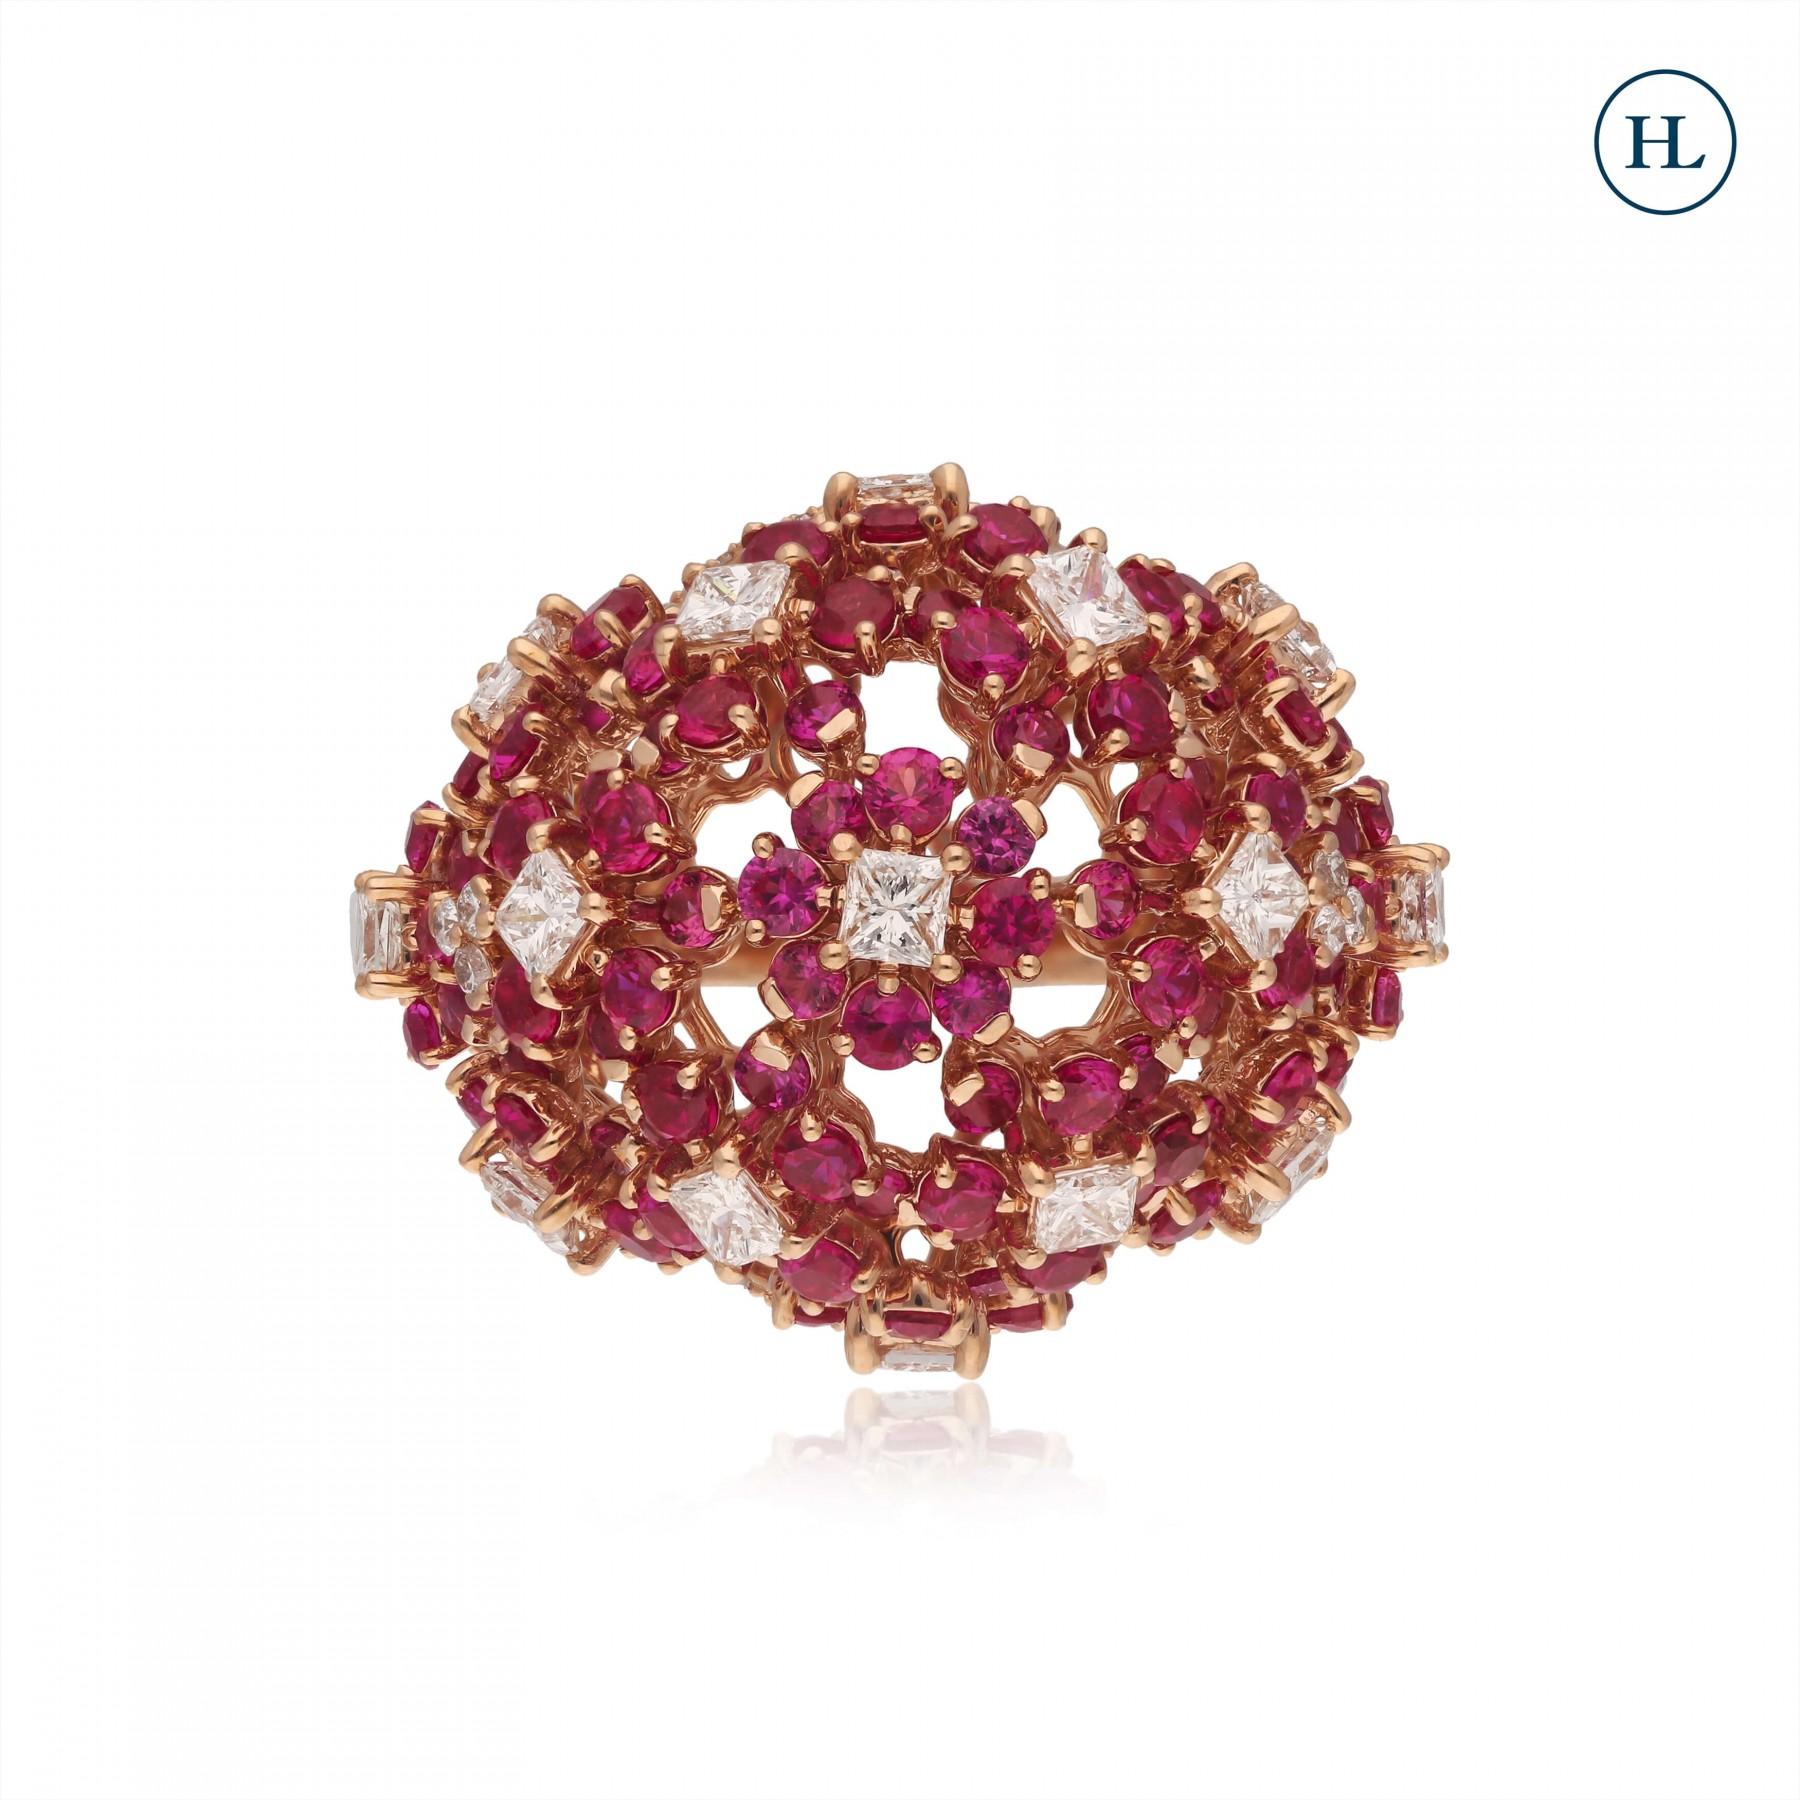 Medley Diamond Ring